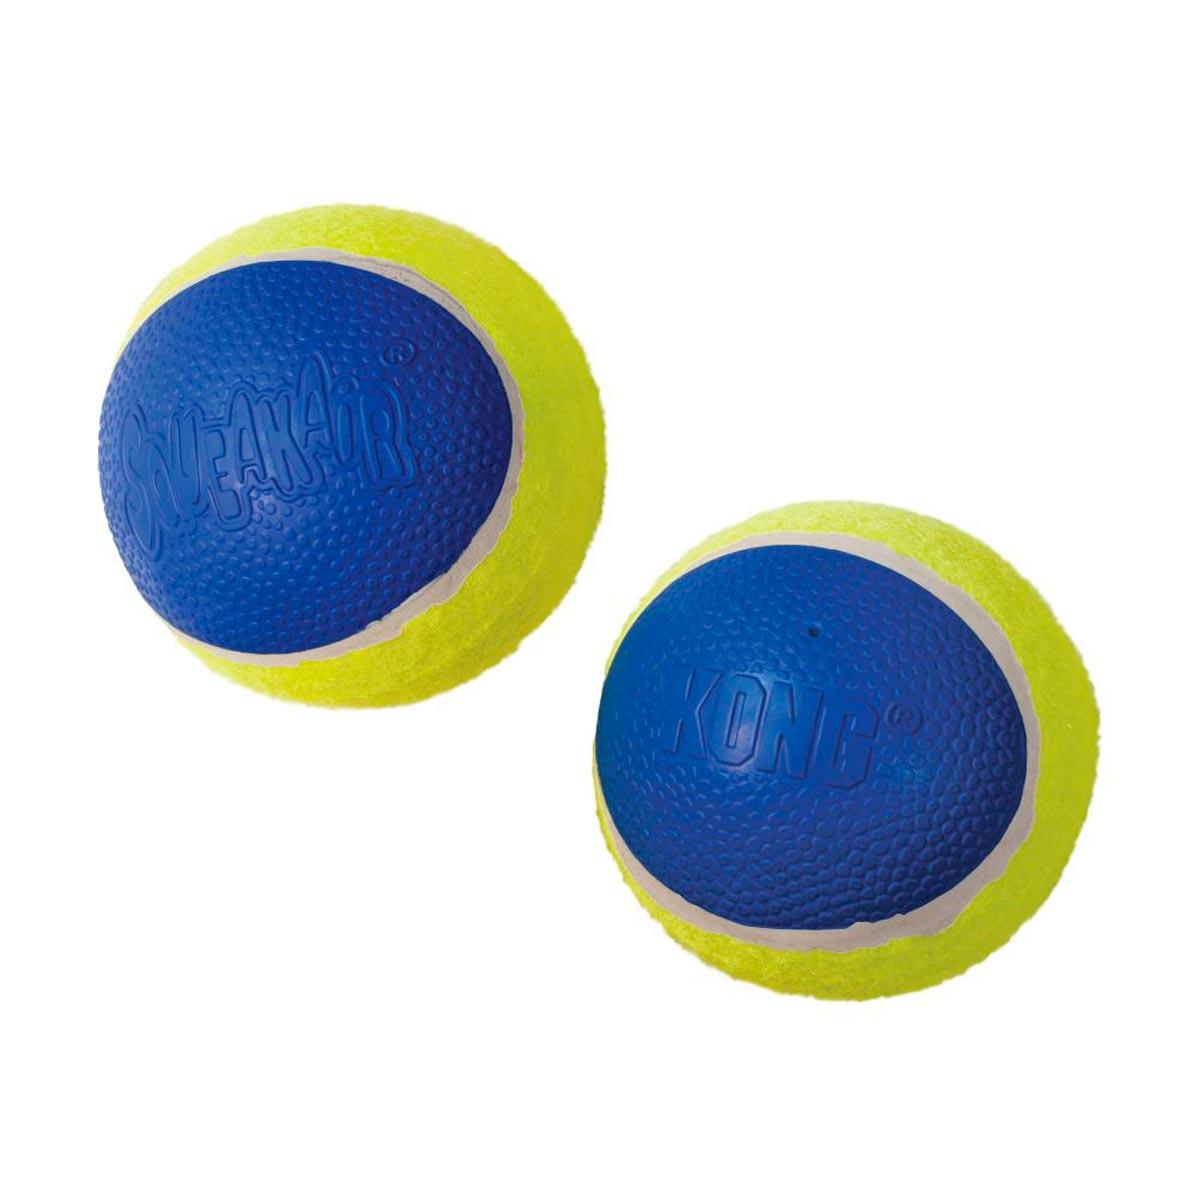 Bola de Tenis Kong Squeakair Ball